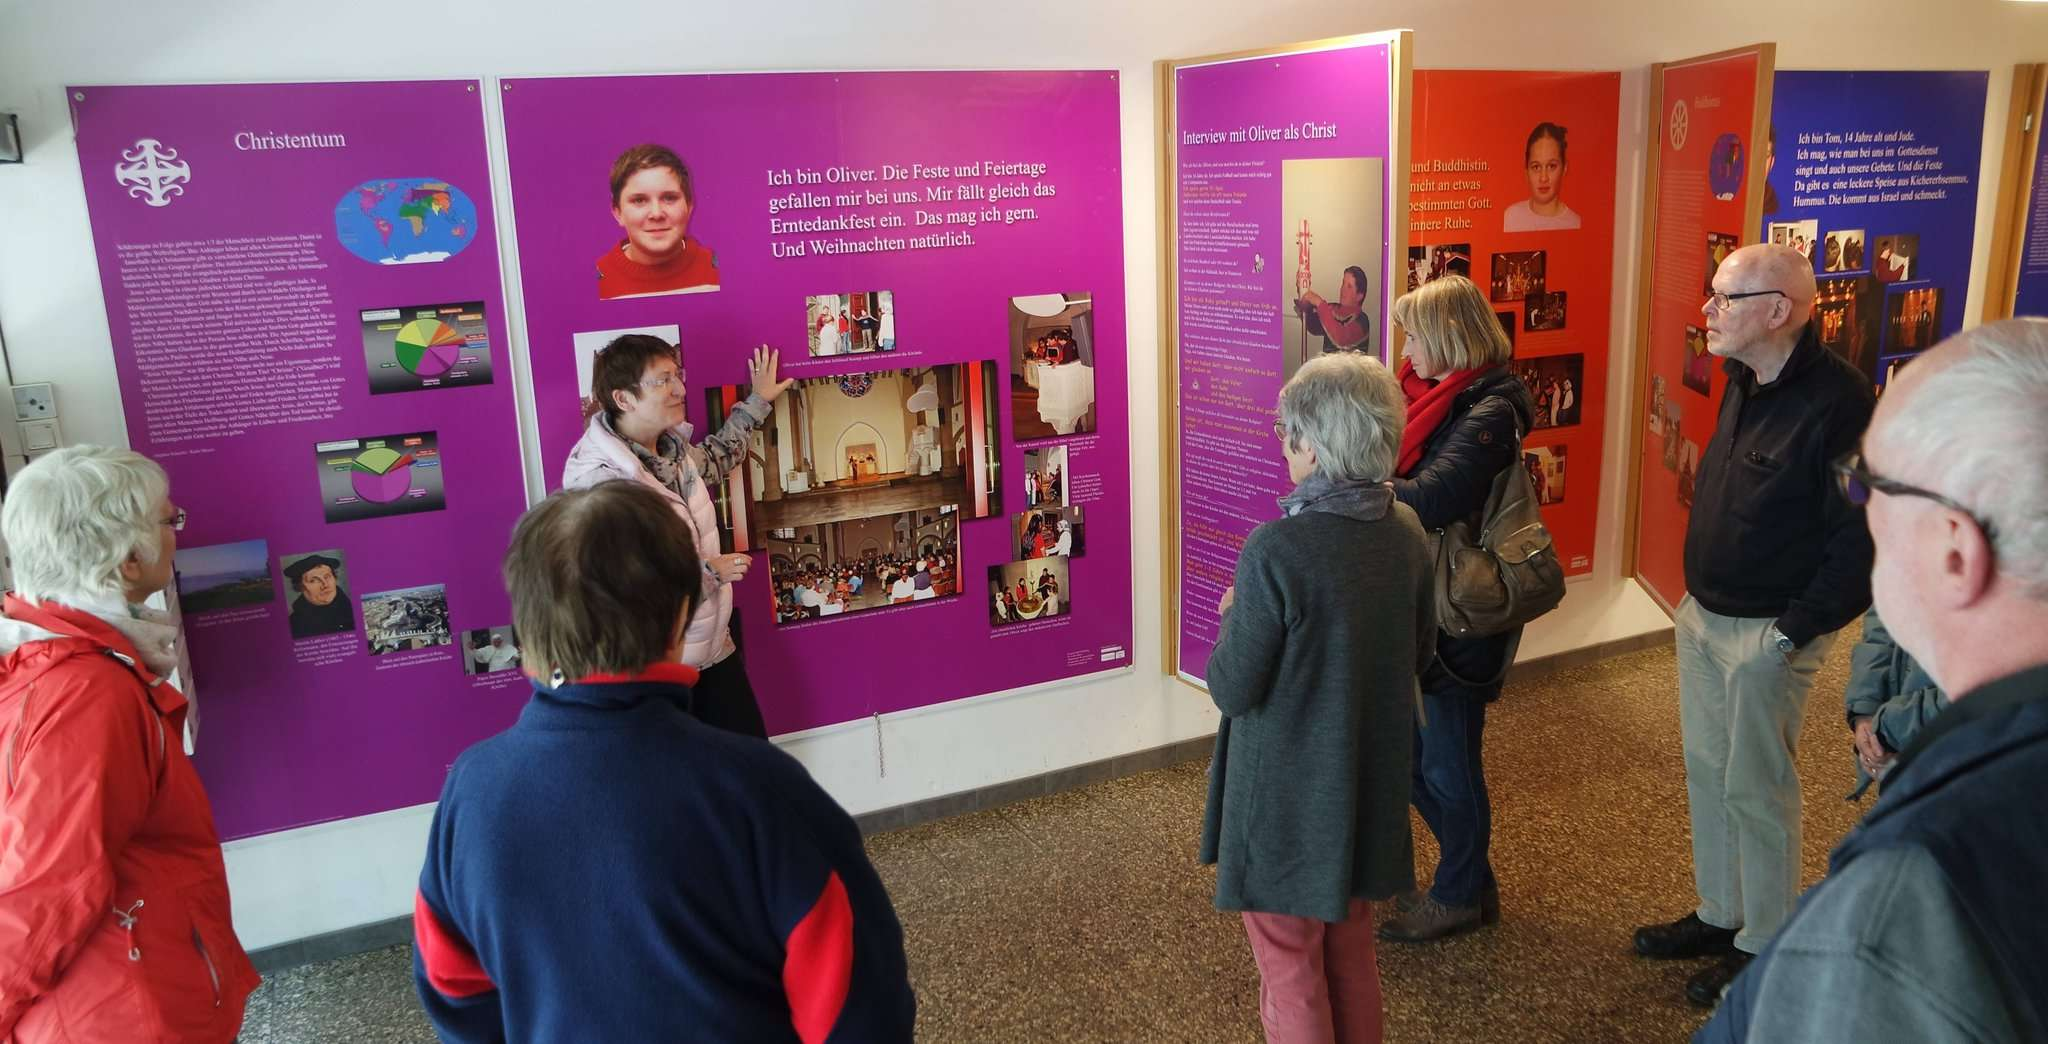 Mitglieder des Ökumenekreis Oyten sahen sich im Haus der Religionen in Hannover um.